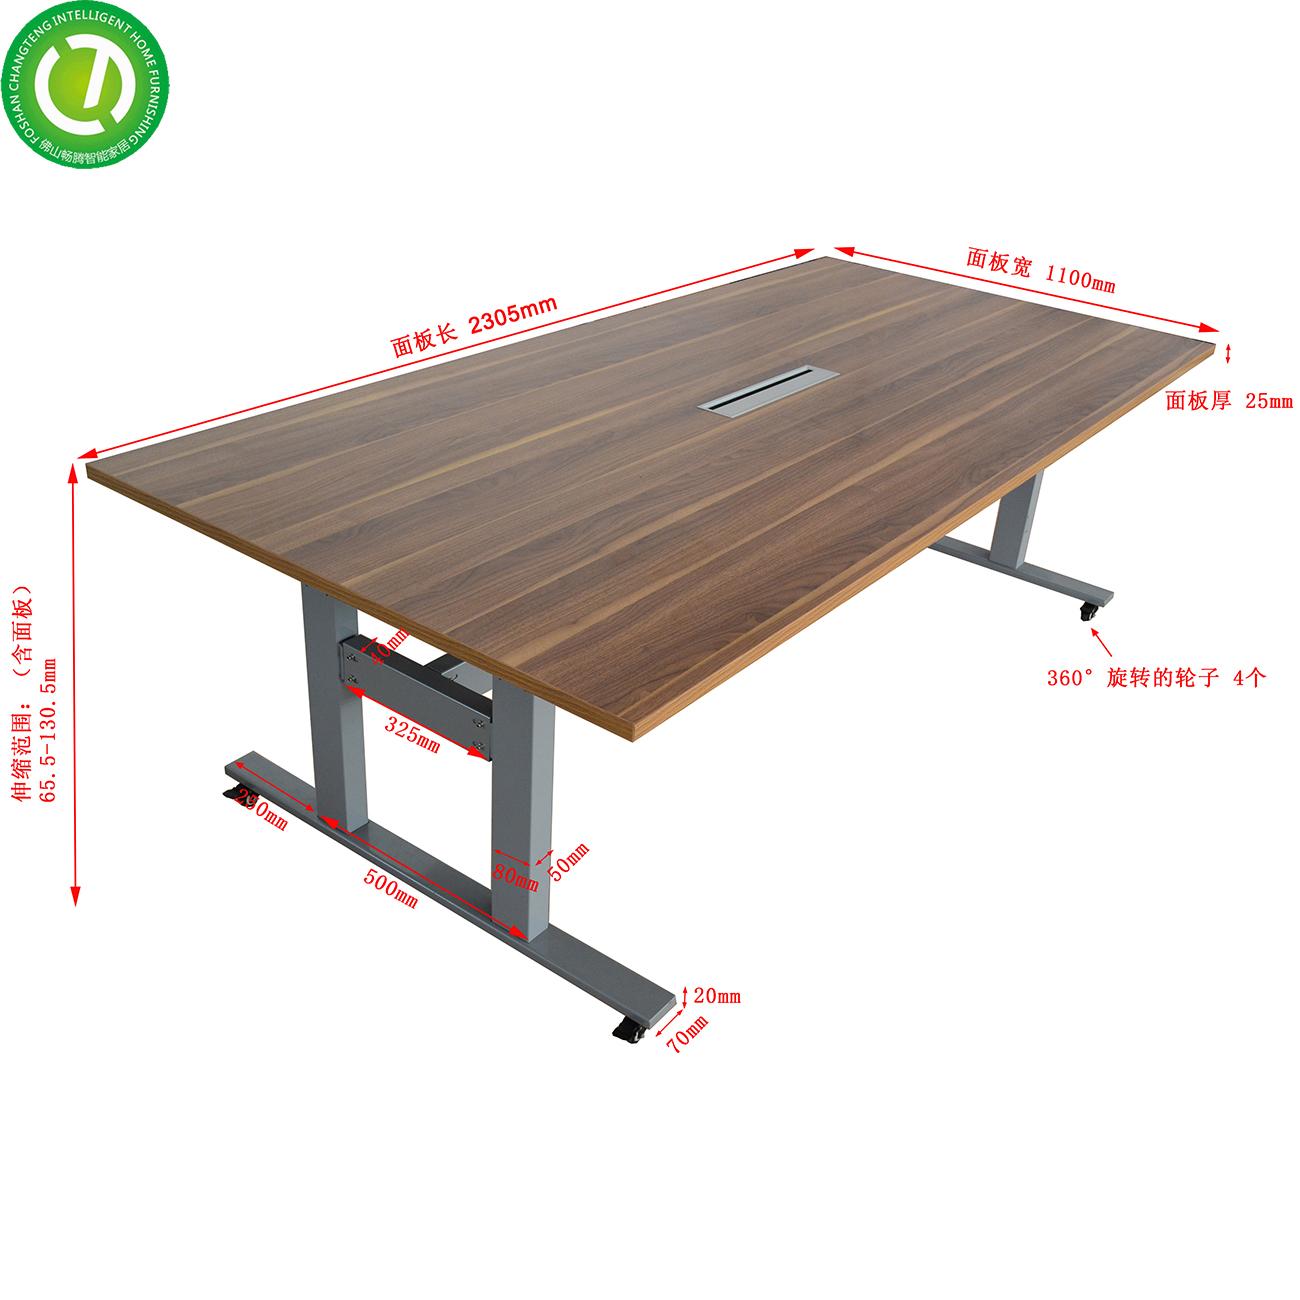 Adjustable desk leg height adjustable table&adjustable desk metal&standing reception desk